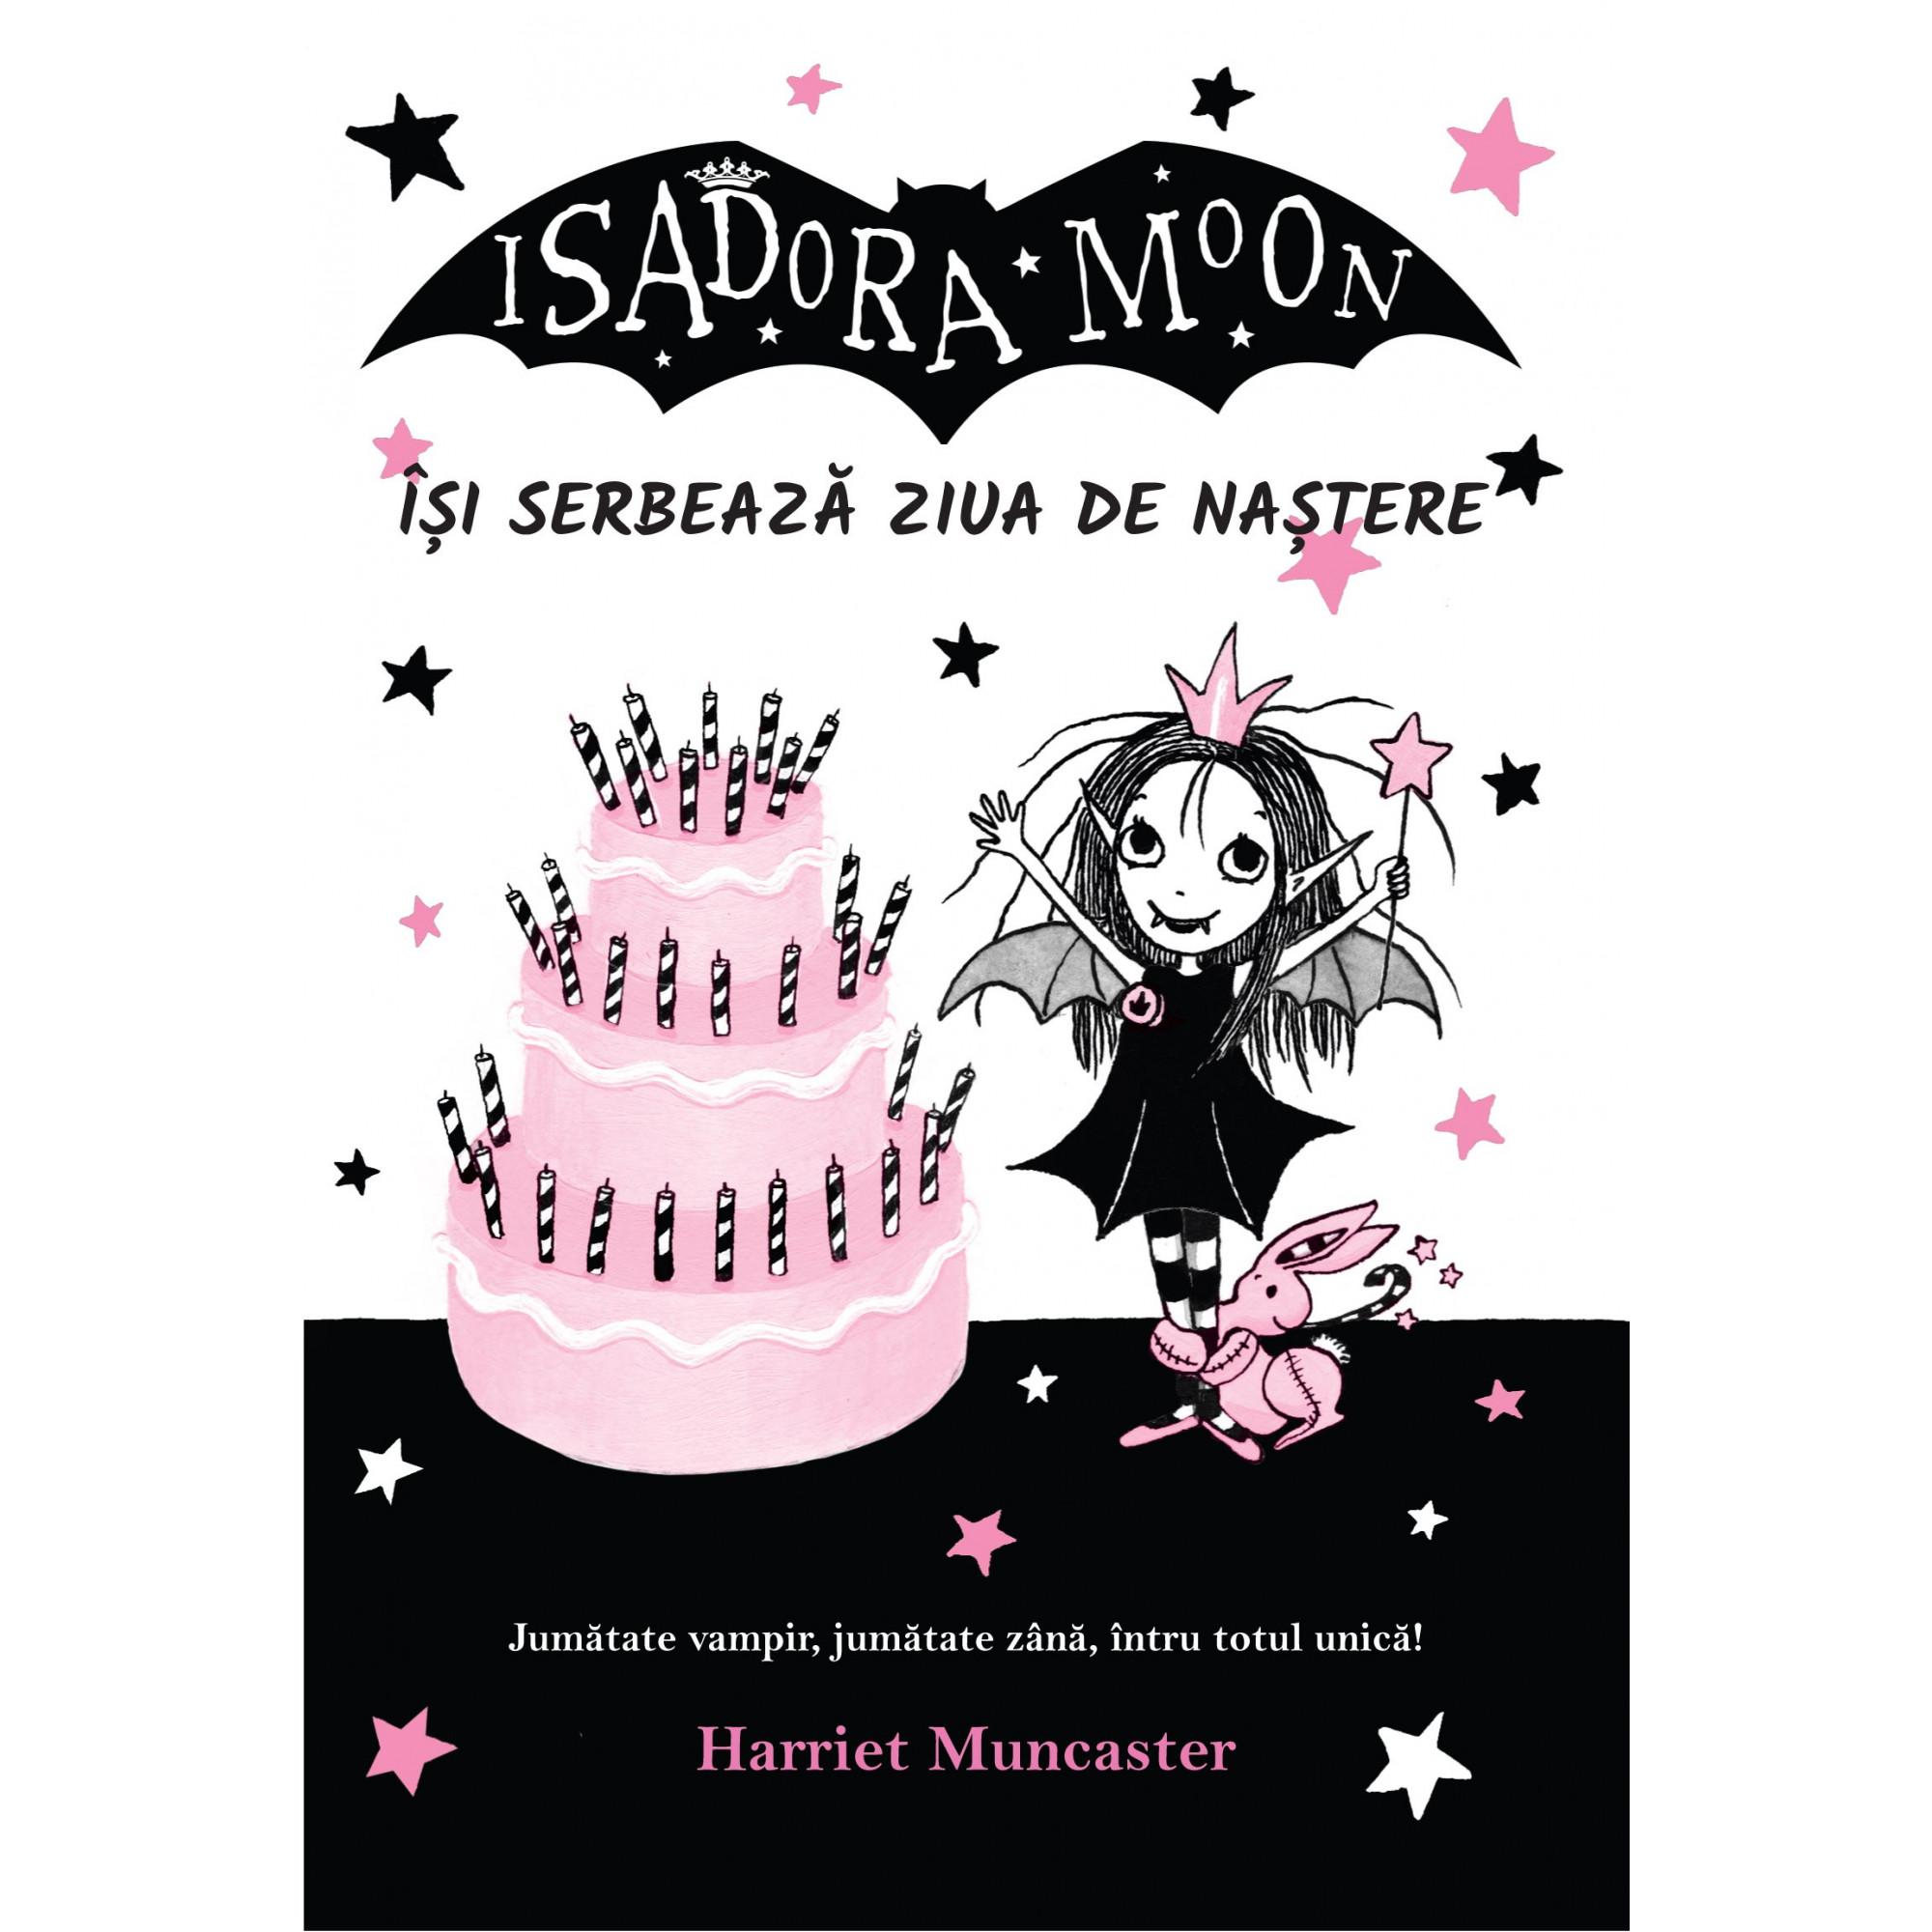 Isadora Moon își serbează ziua de naștere; Harriet Muncaster